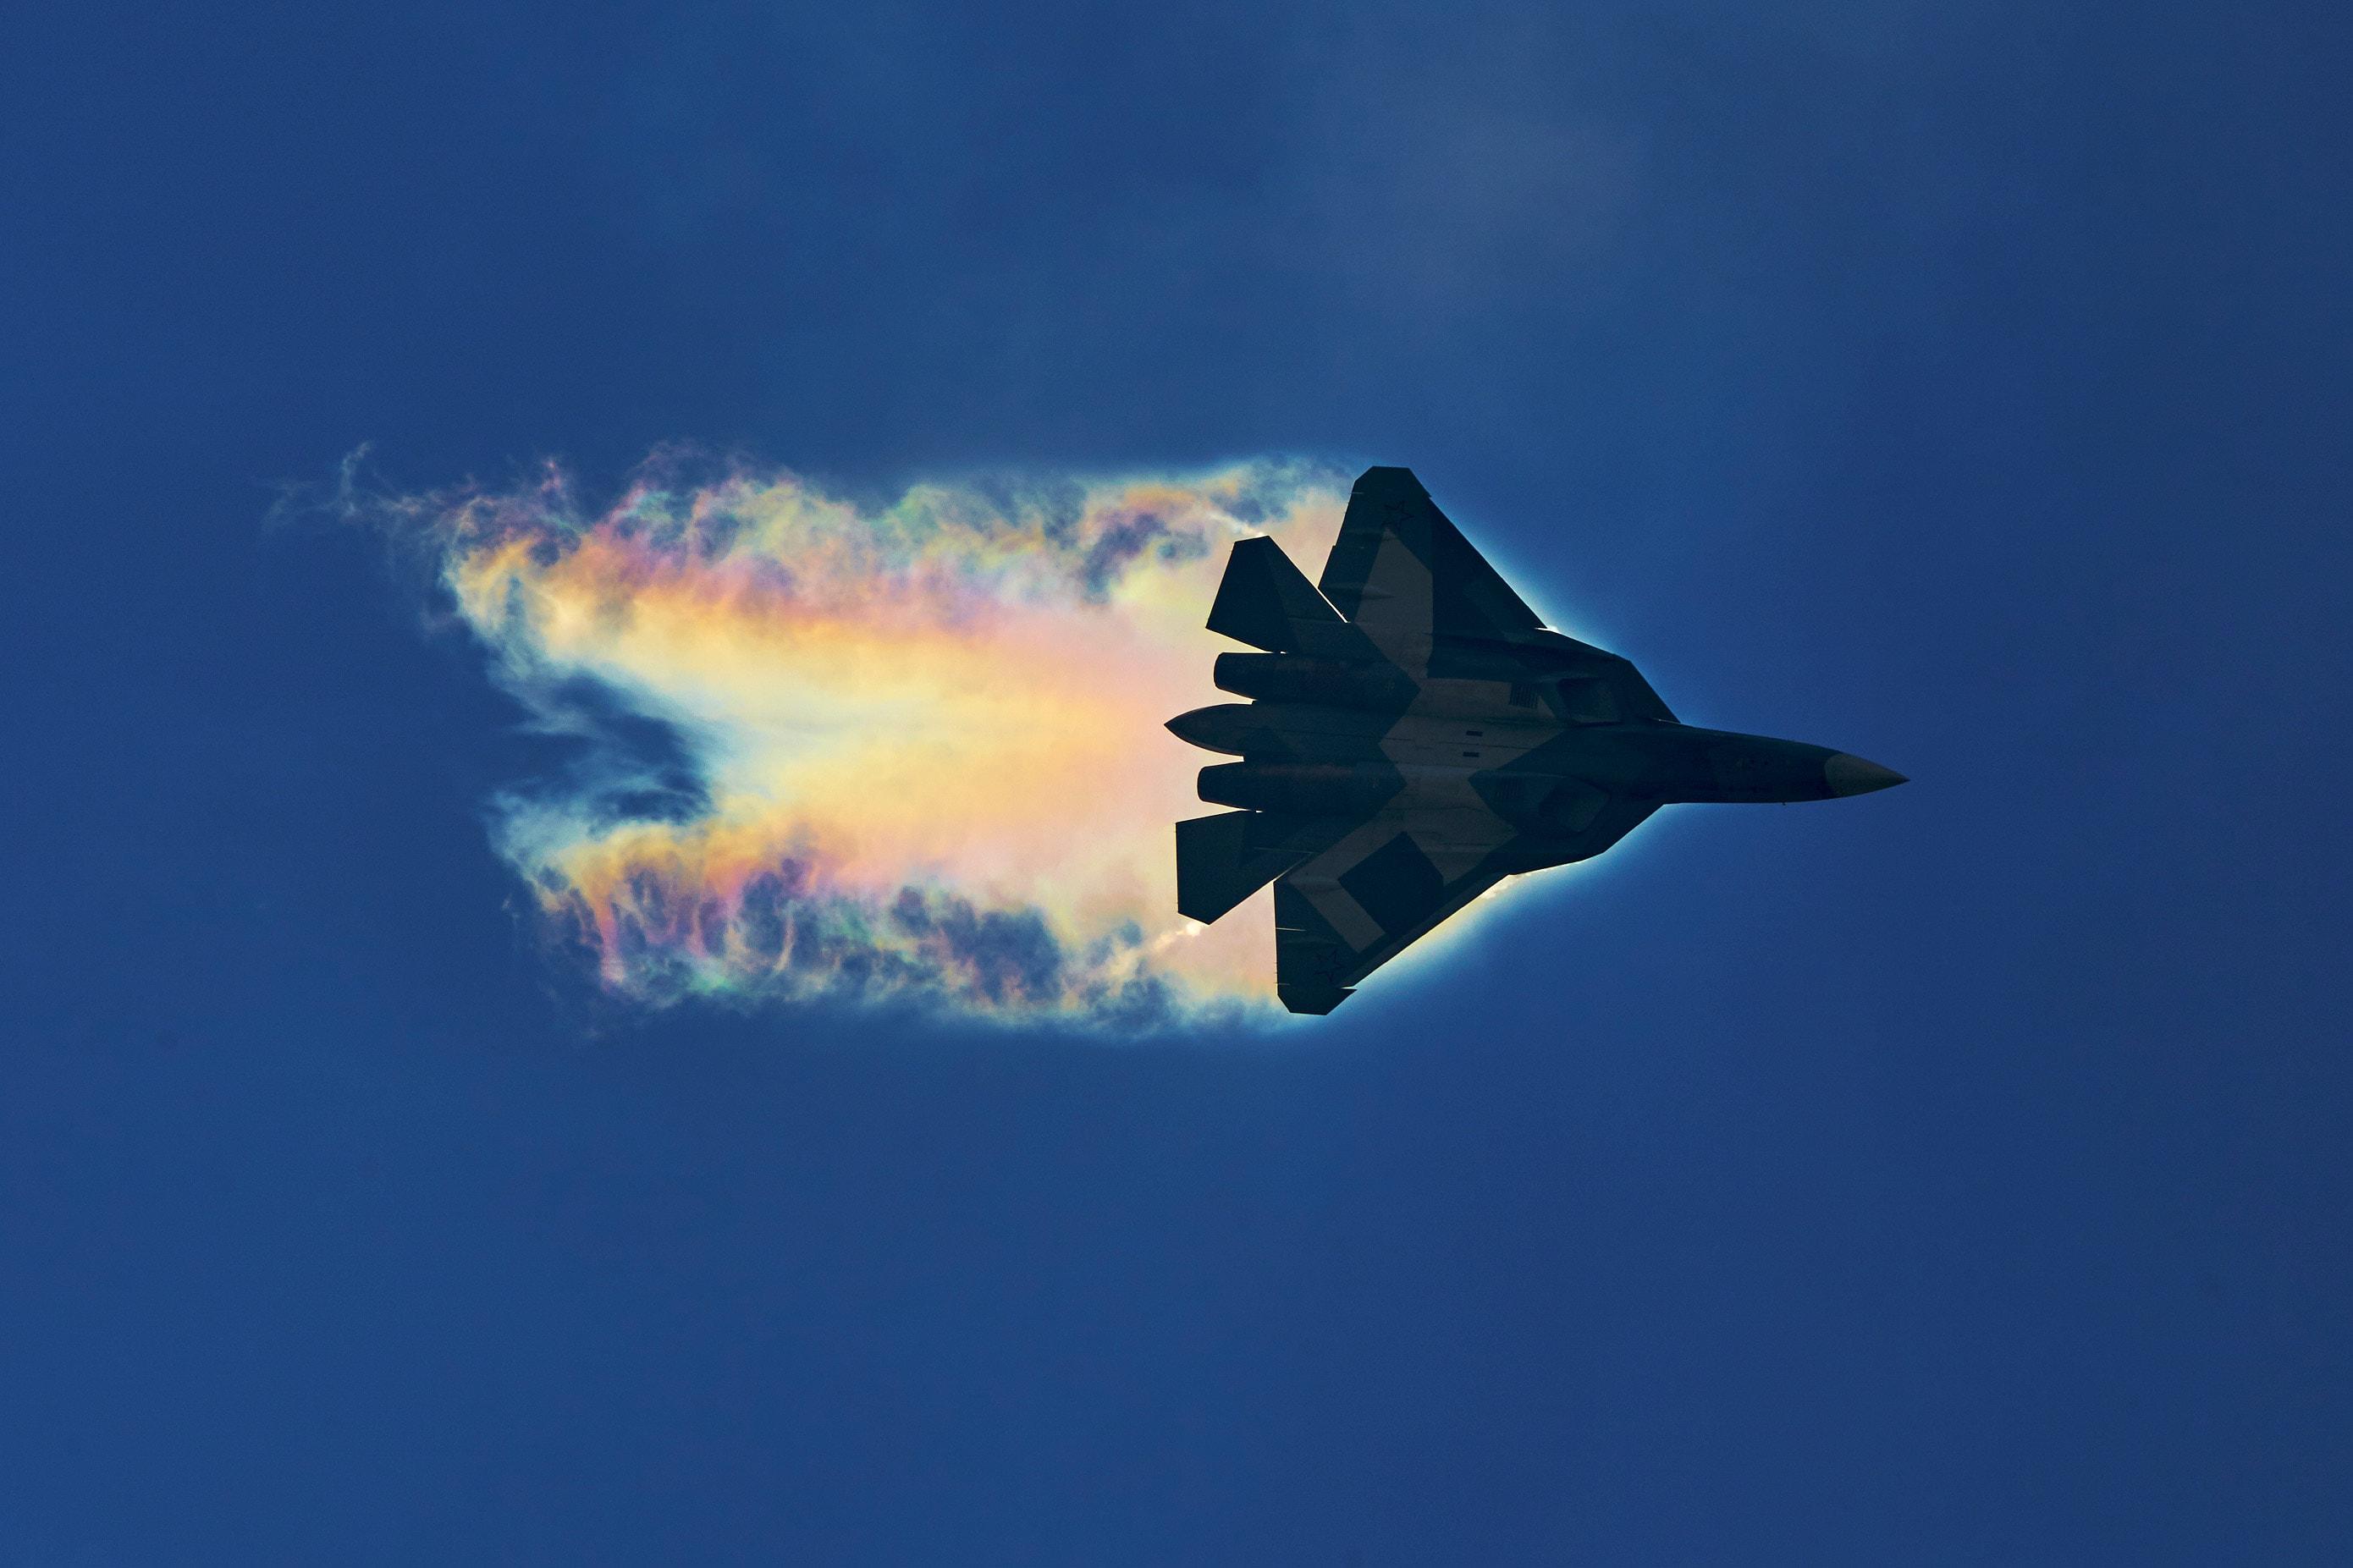 Российский многофункциональный истребитель Су-57 (Т-50, в рамках проект «ПАК ФА») пятого поколения, разрабатываемый ОКБ имени П. О. Сухого с эффектом Прандтля-Глоерта при движении на сверхзвуковых скоростях. Истребители пятого поколения требуют особого подхода к вызовам ЭМС, к снижению радиозаметности, средствам РЭБ, а термостойкие круглые уплотнители - одно из решений данных задач. Фотография - Роман Зеленцов (CC BY-SA 3.0).